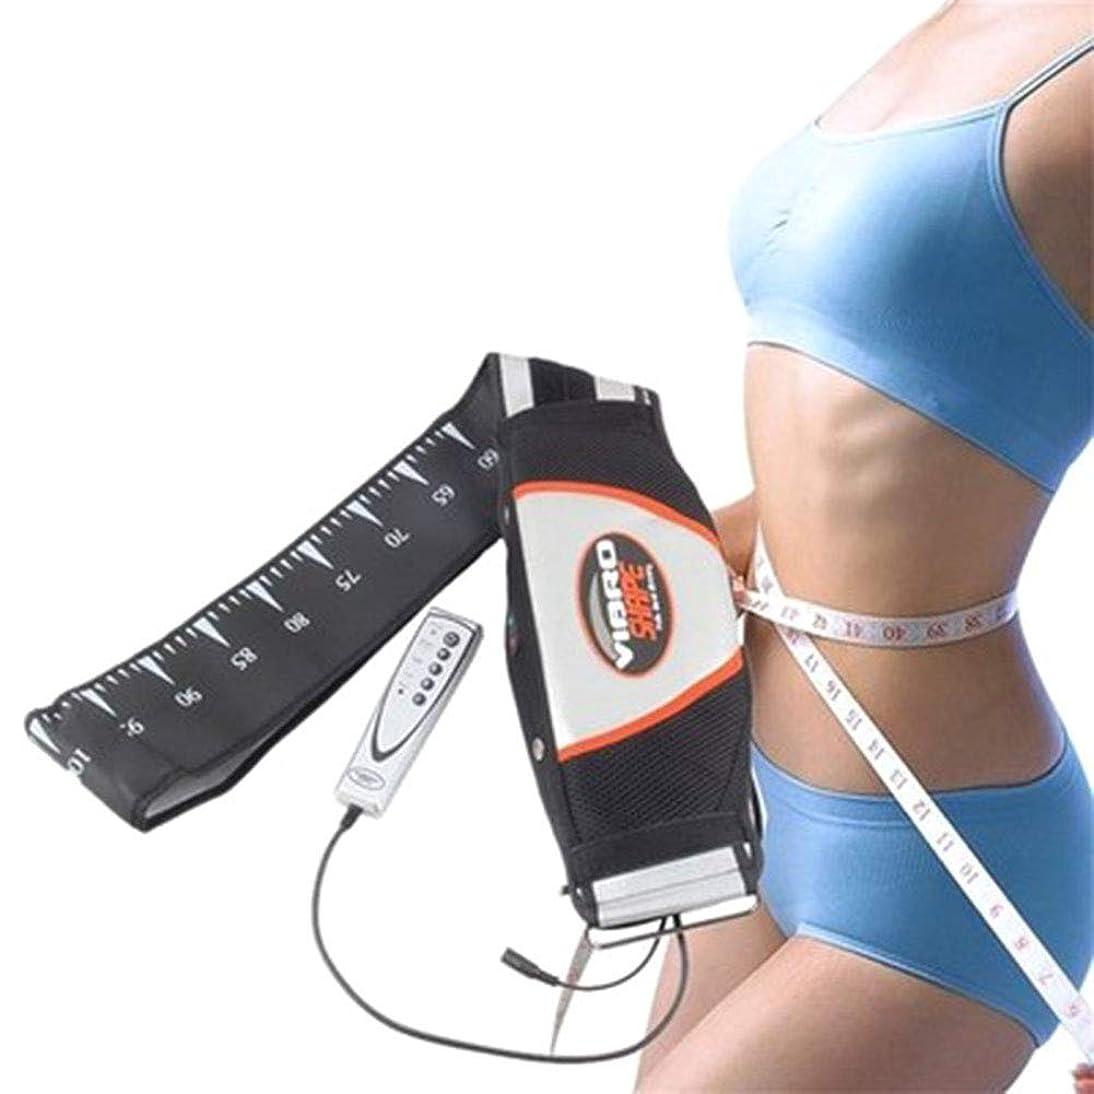 便宜今晩スラム街電熱 振動 腰 サウナ ベルト、 ショックヒーティング スリミング マッサージベルト、 体重が減る スリミング マッサージャー